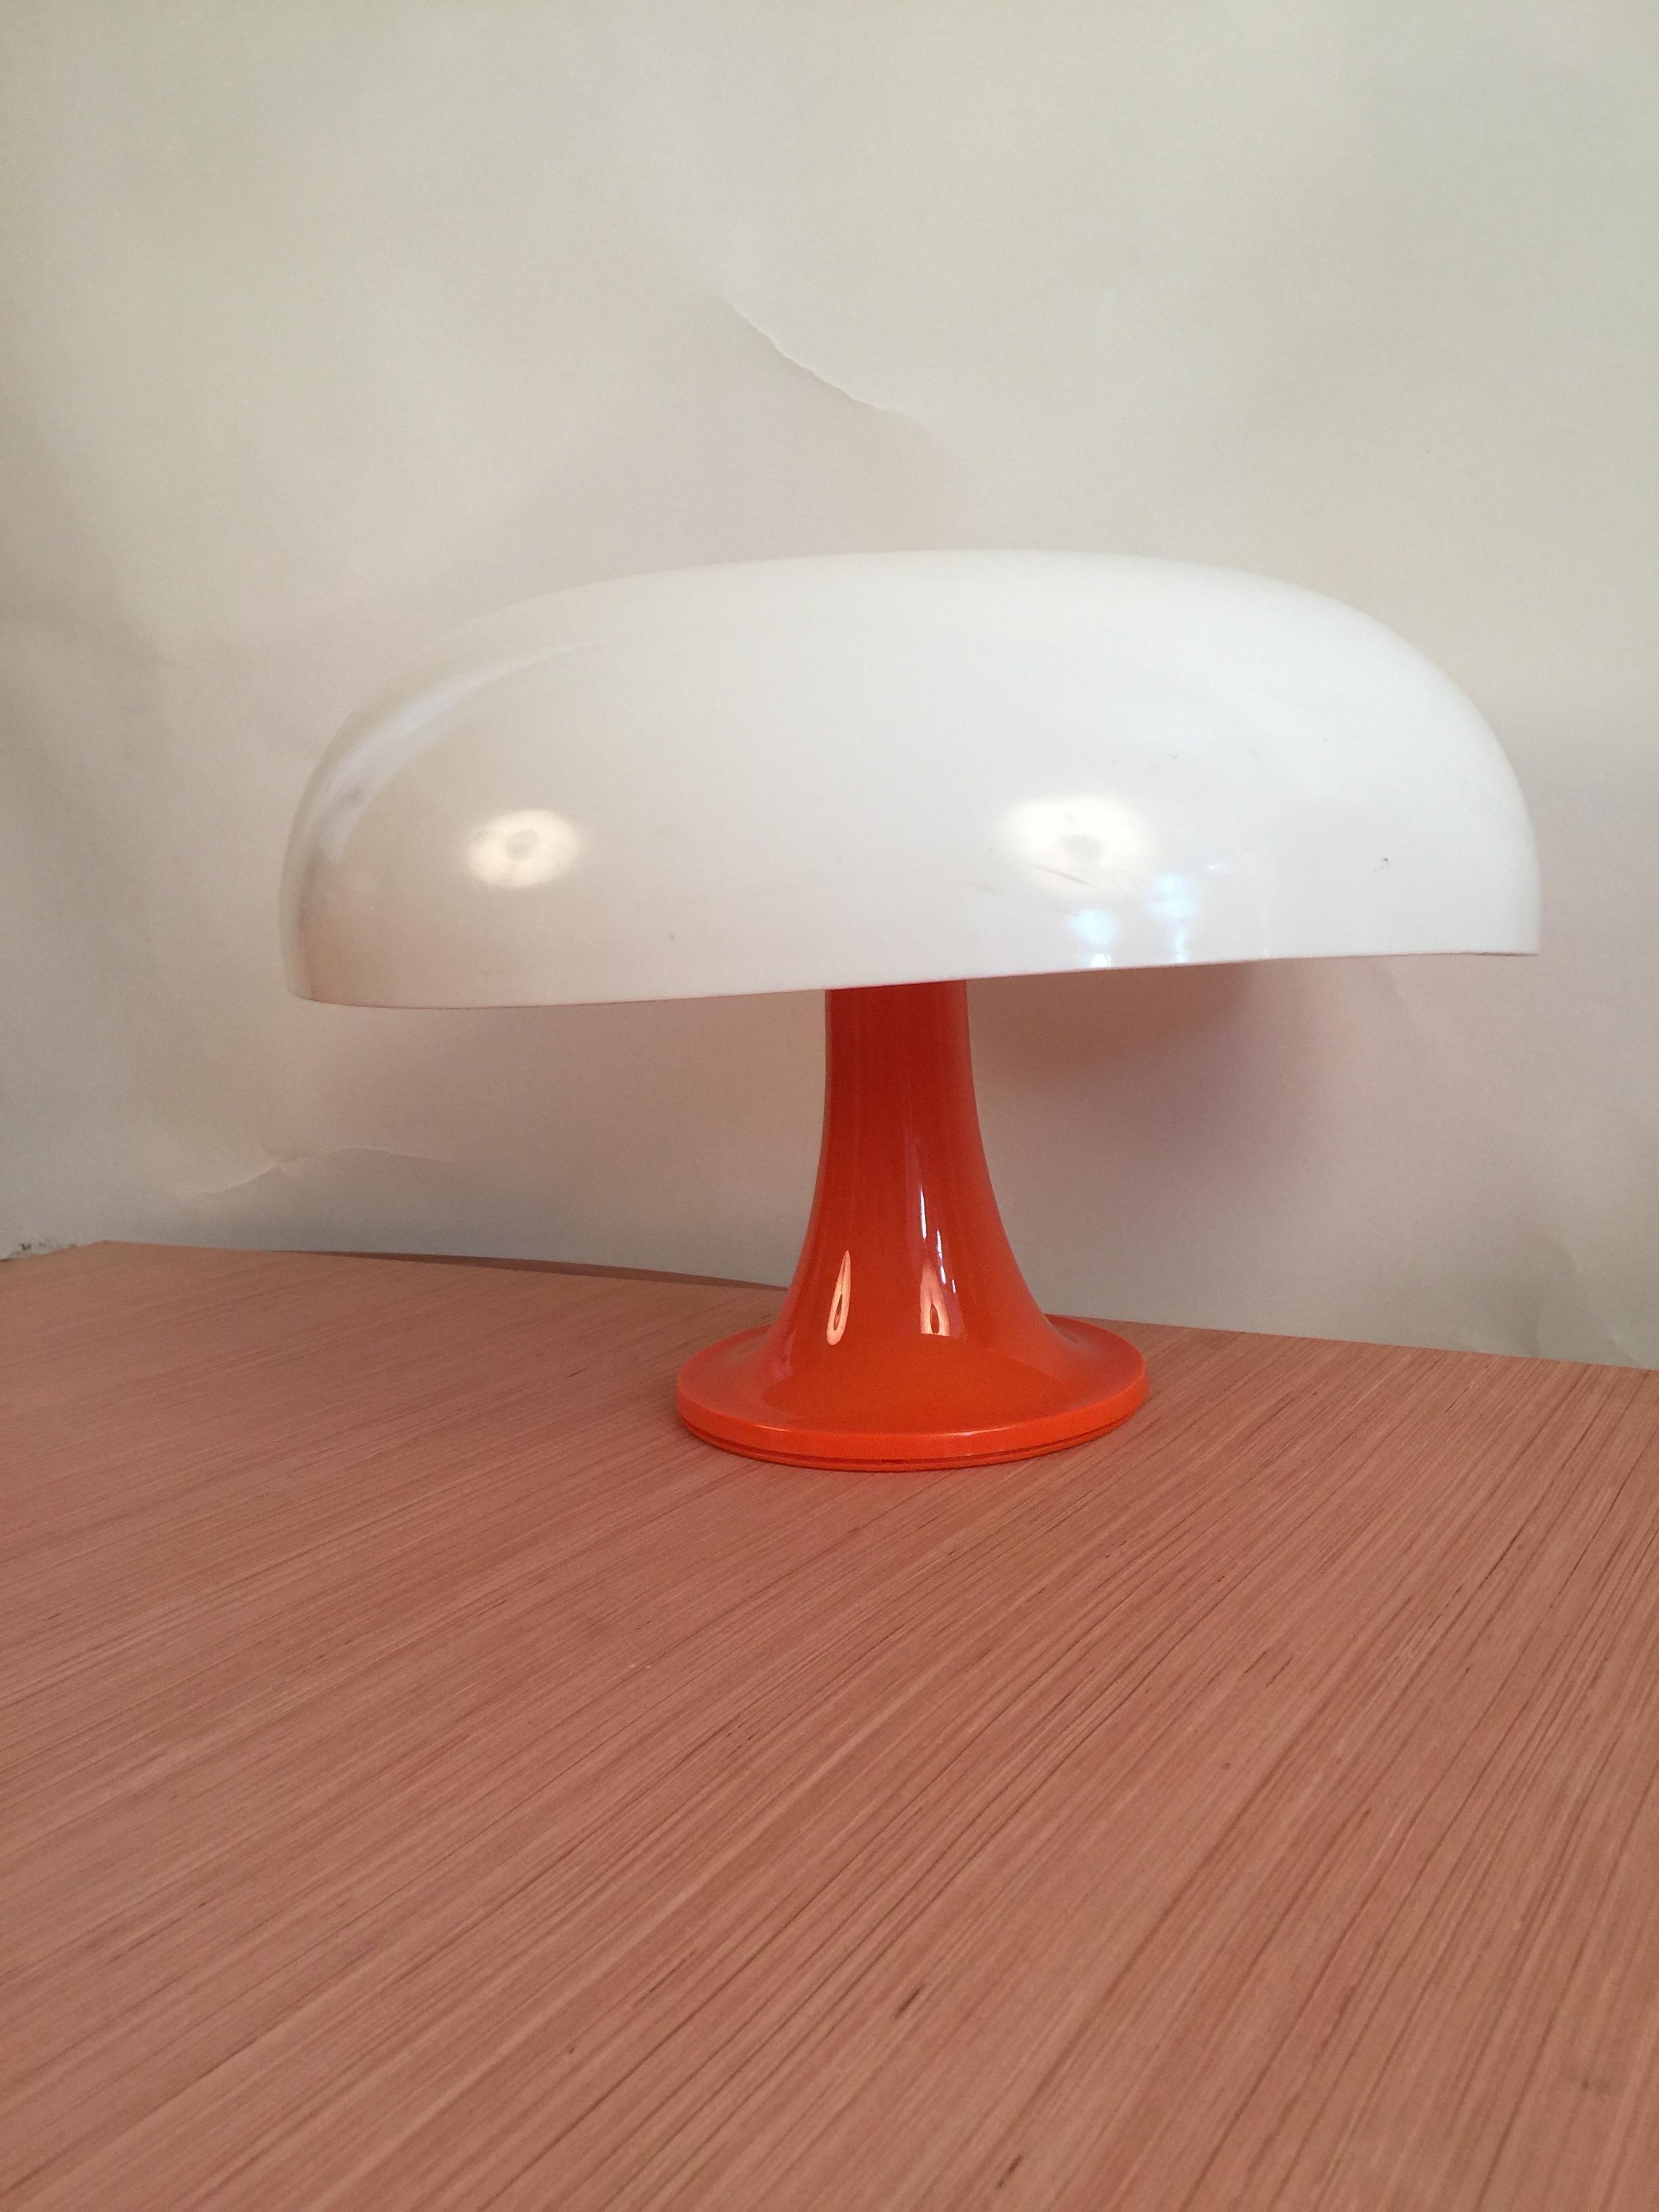 'Nesso' Lamp by Giancarlo Mattioli